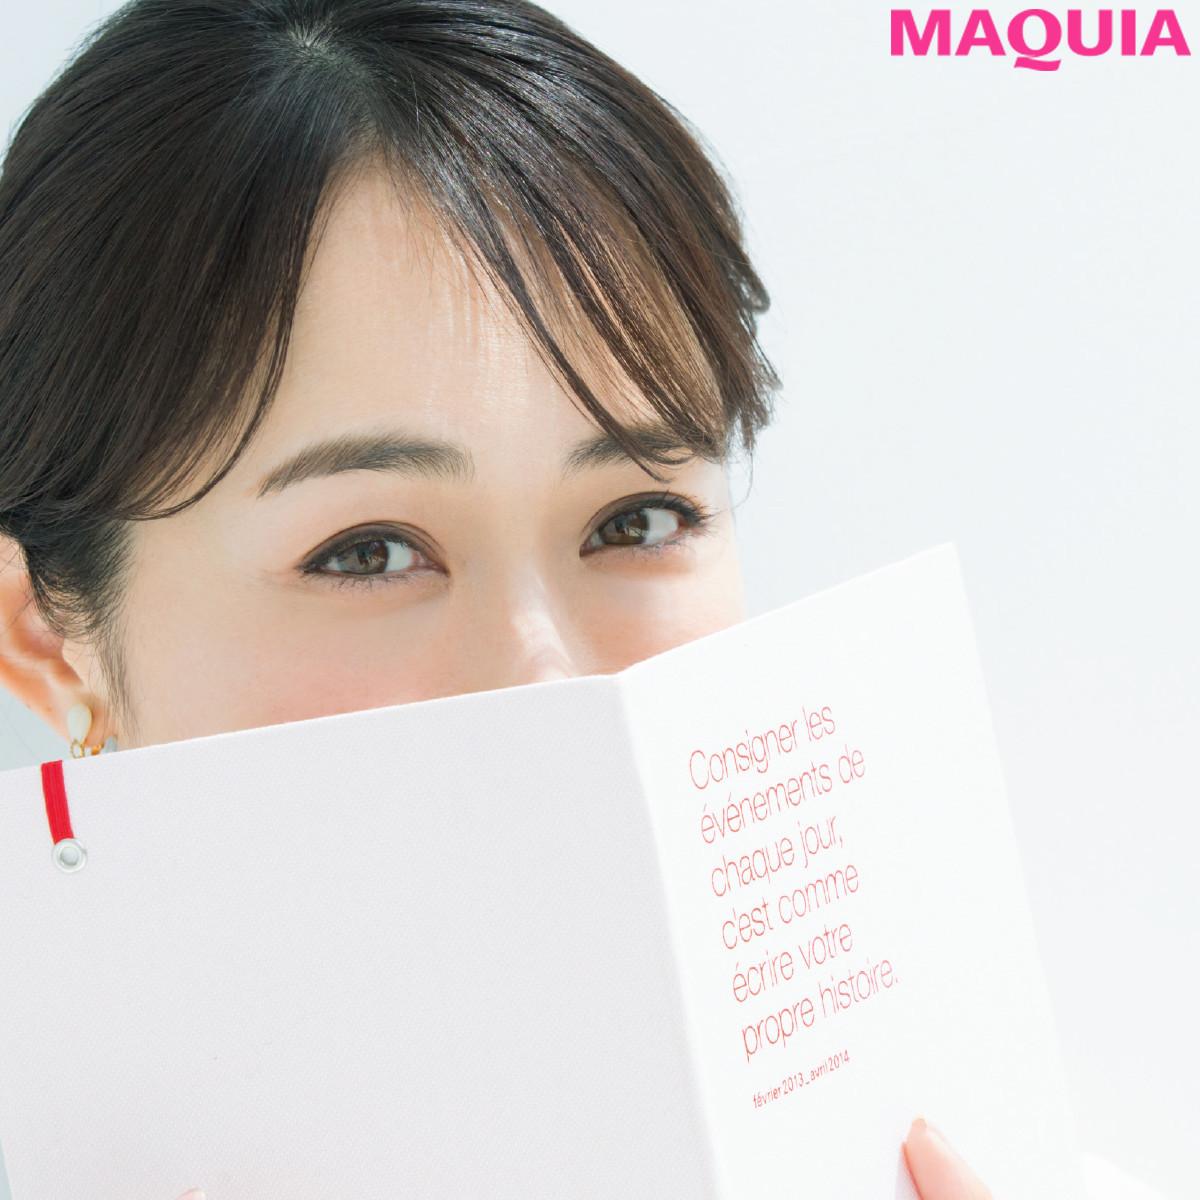 【目もとのシワ改善におすすめ】目尻のシワなど、上半顔老けを招く目元のお悩みをQ&A1